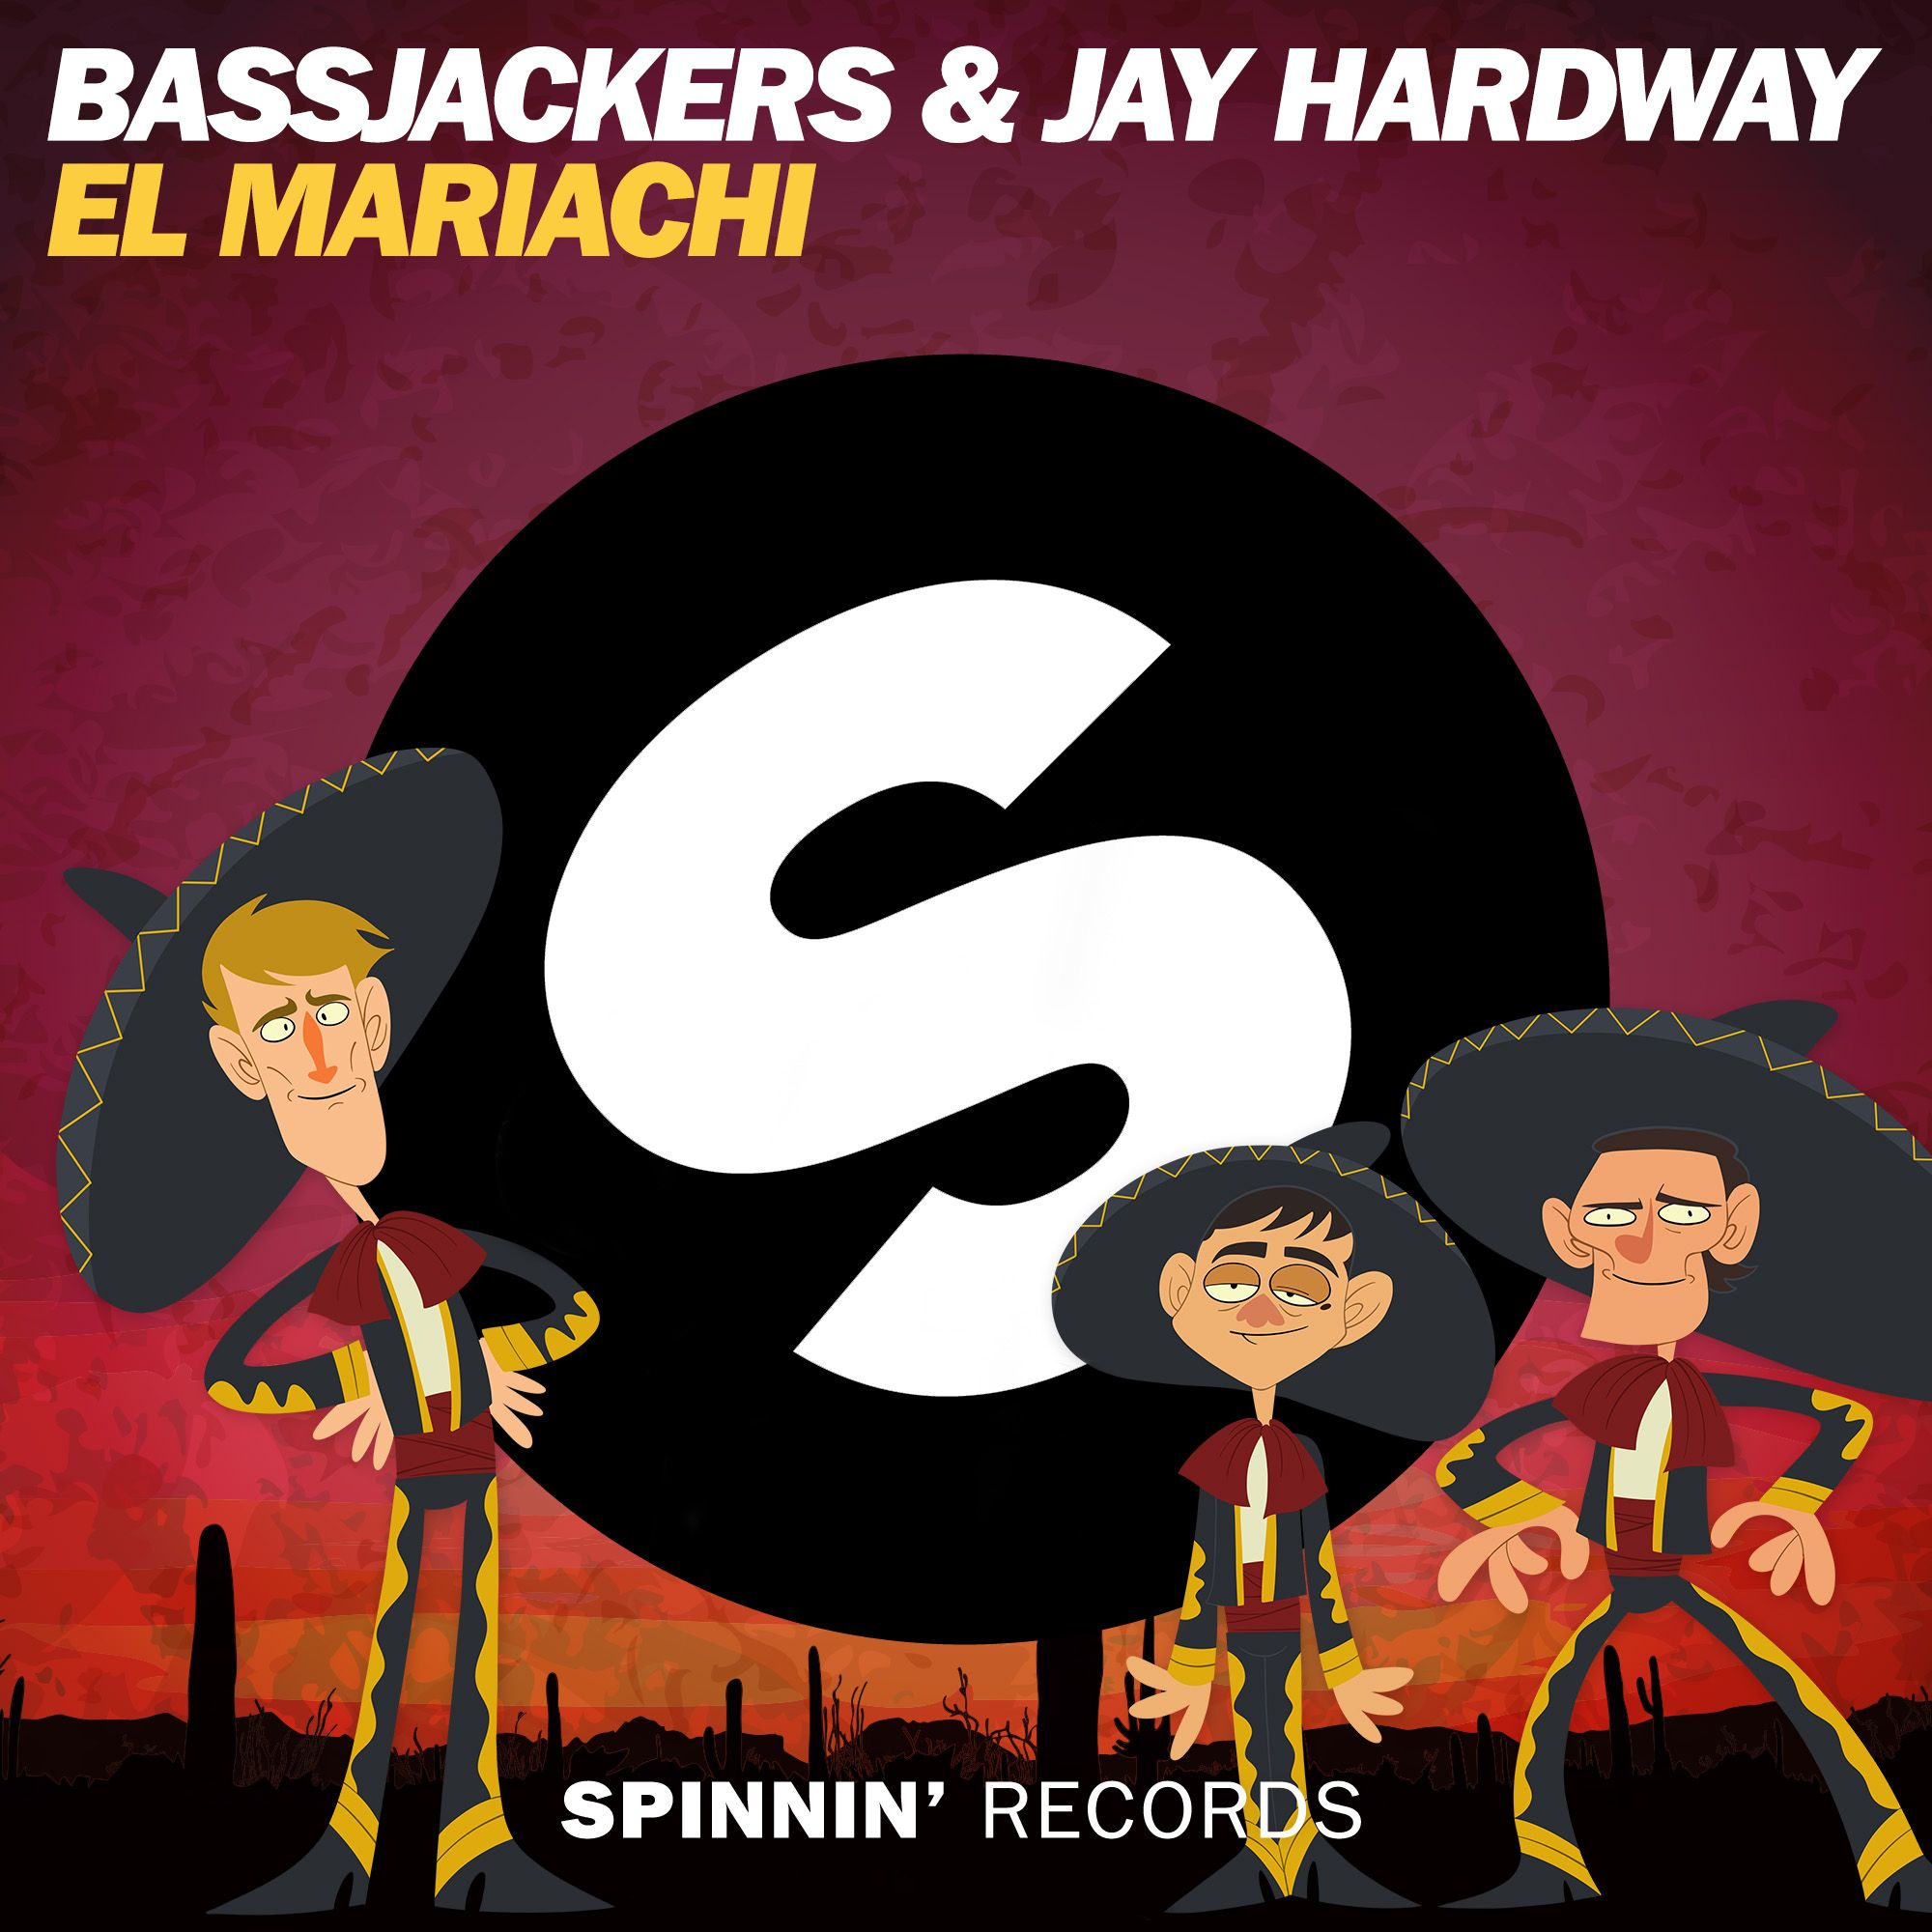 spinnin_bassjackers_jay_hardway_-_el_mariachi.jpg